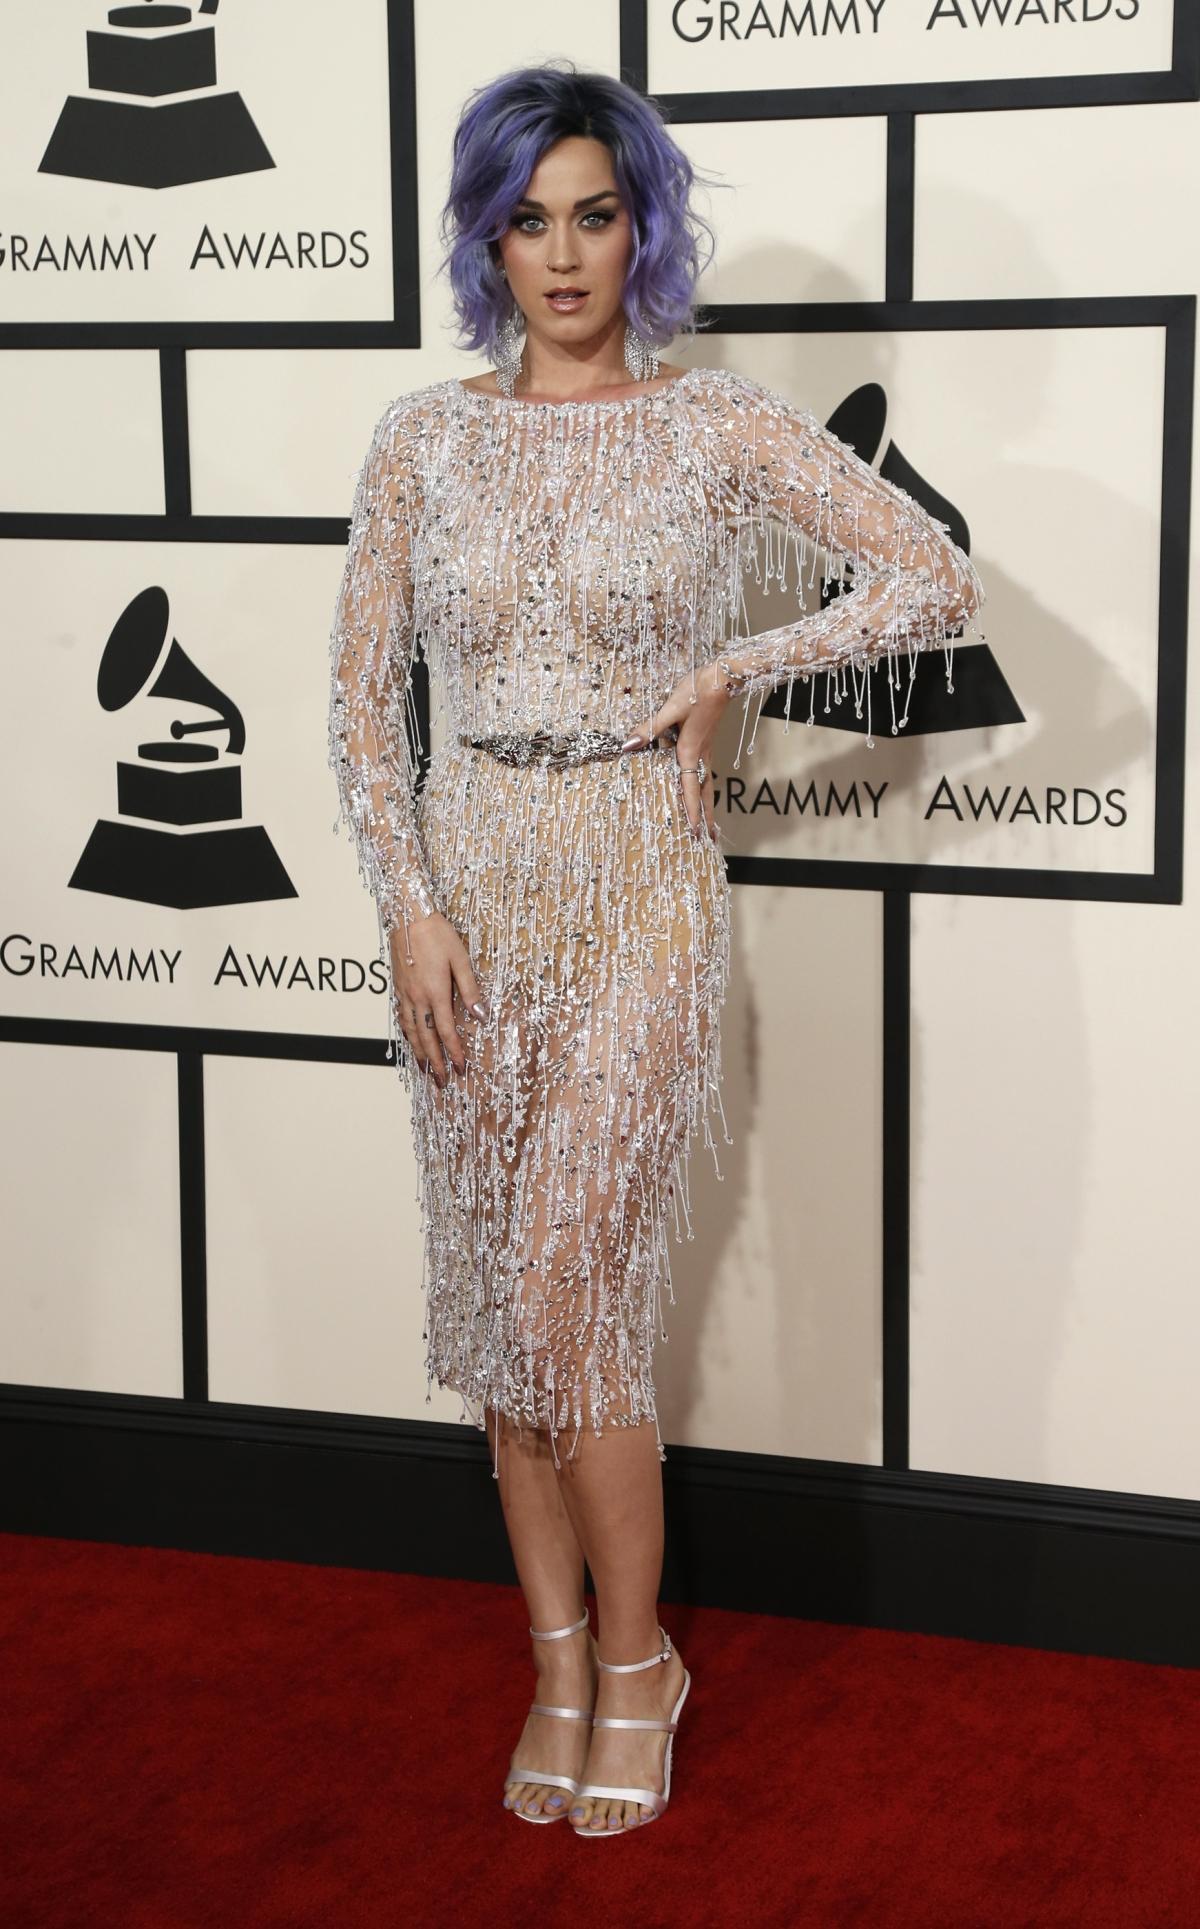 Madonna Grammys Dress Grammy Awards 2015 Madonna